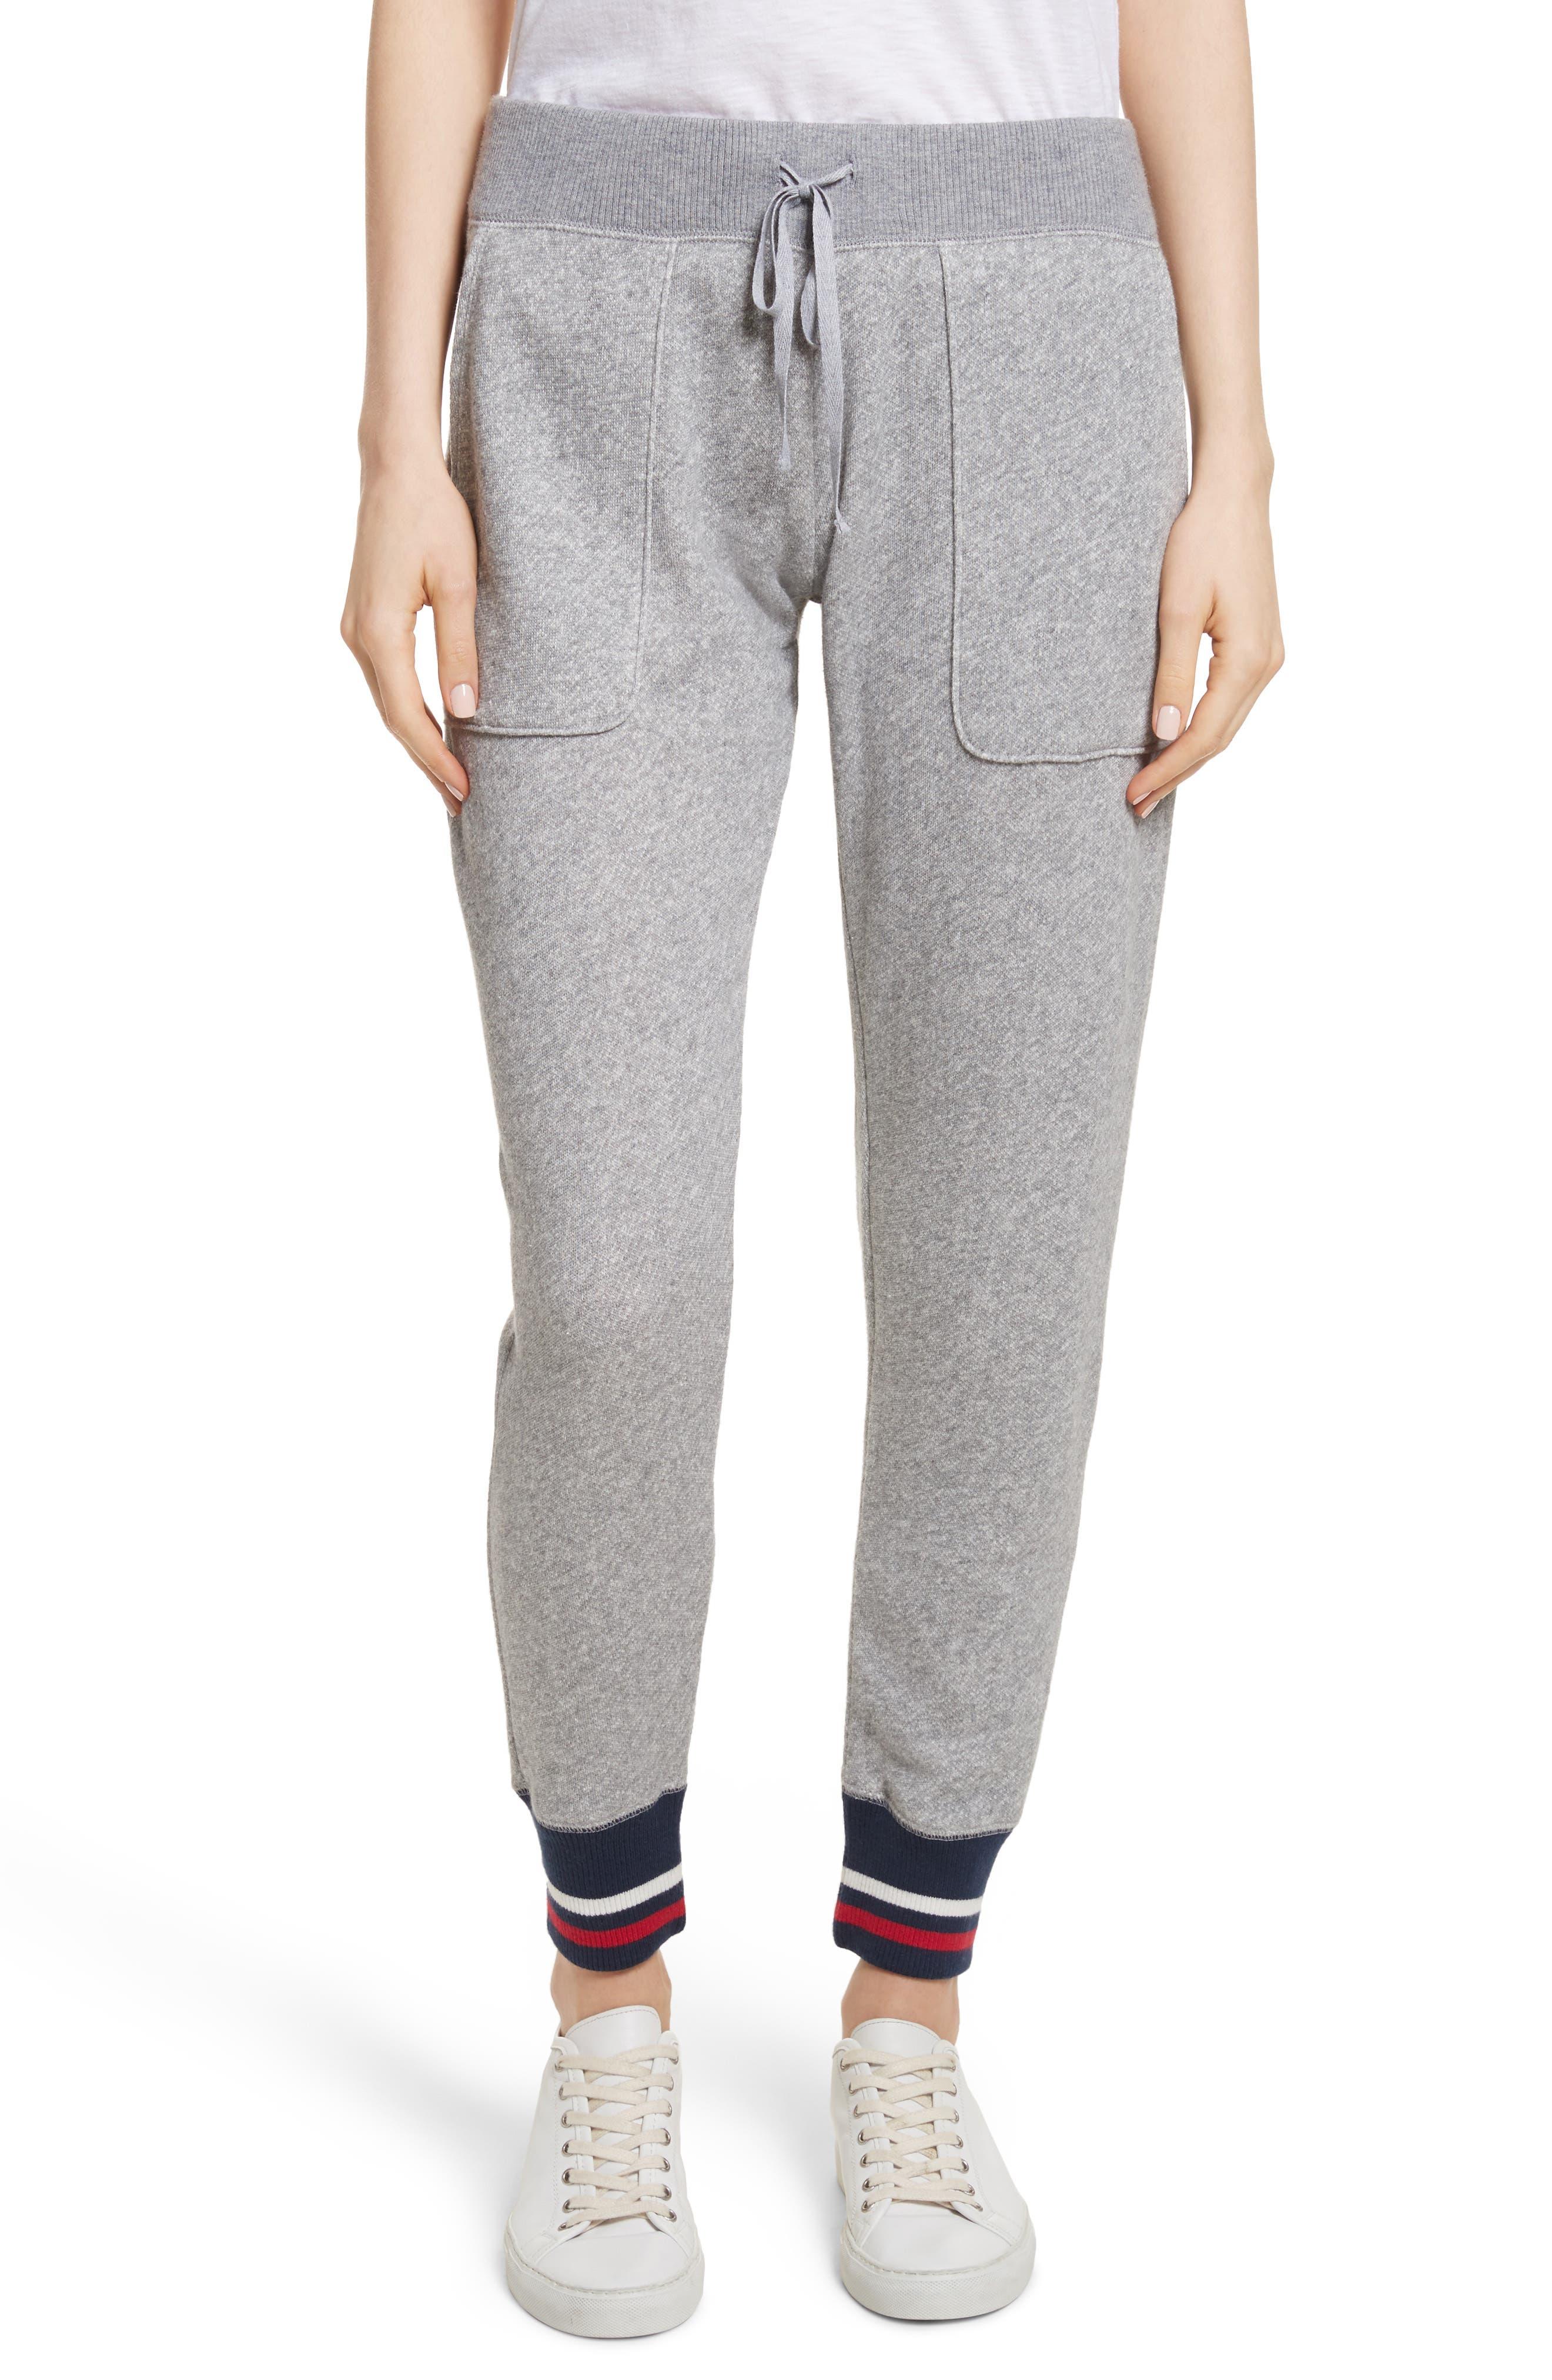 Denicah Cotton Sweatpants,                         Main,                         color, Heather Grey